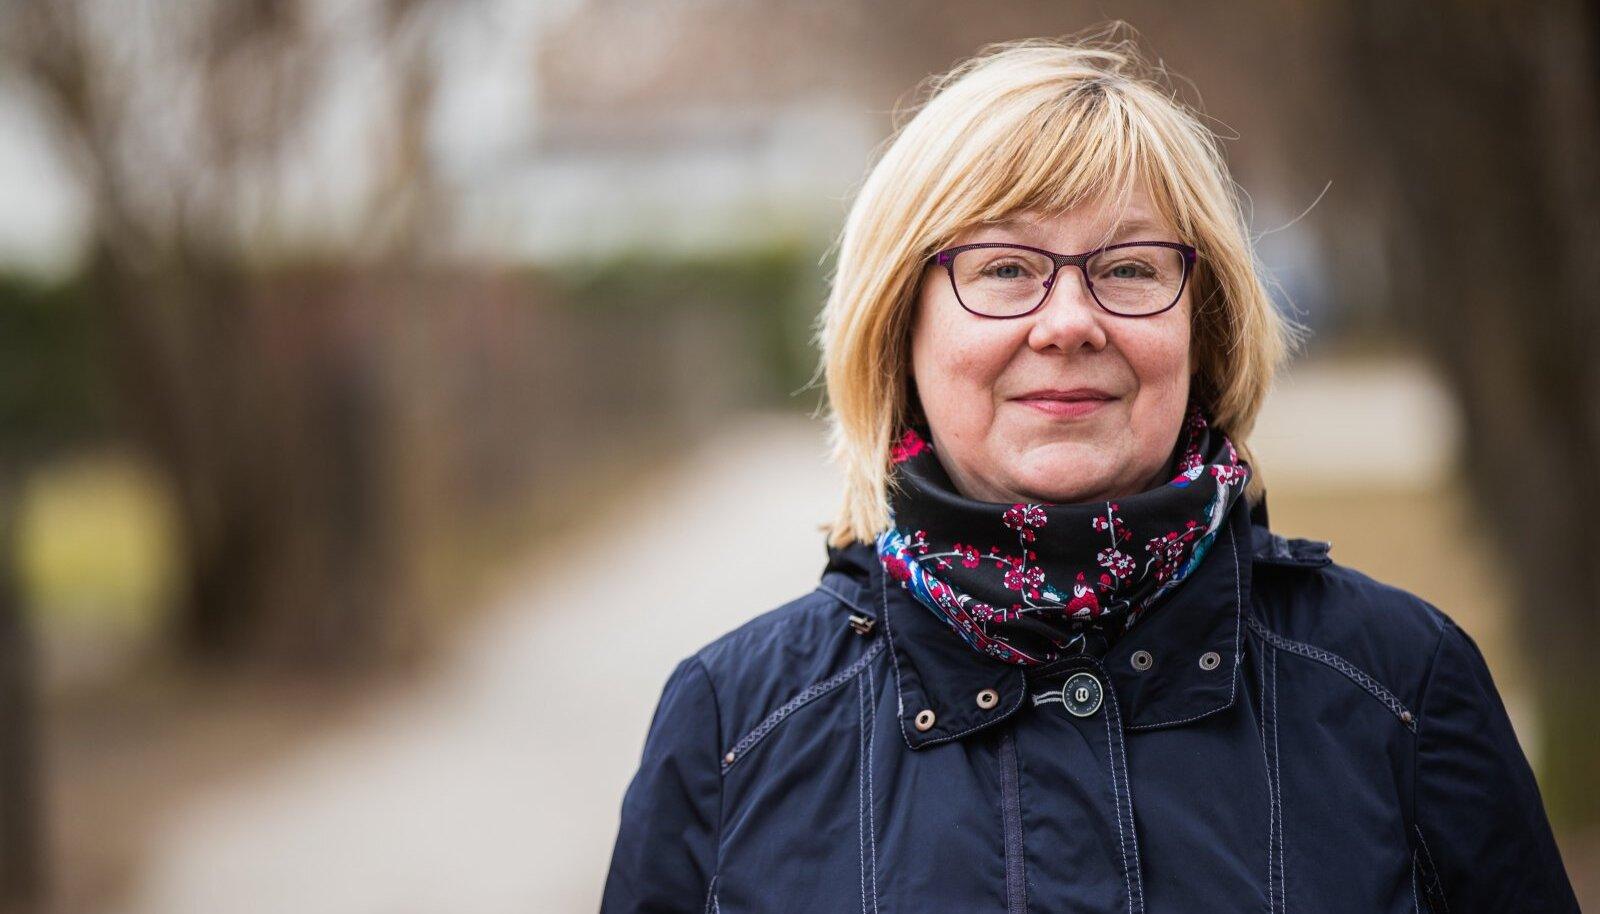 Dr Marje Oona tegutseb immunoprofülaktika ekspertkomisjonis, mis soovitab, millistele vanuserühmadele mingid vaktsiinid sobivad ja milline peaks olema kahe doosi vahe.